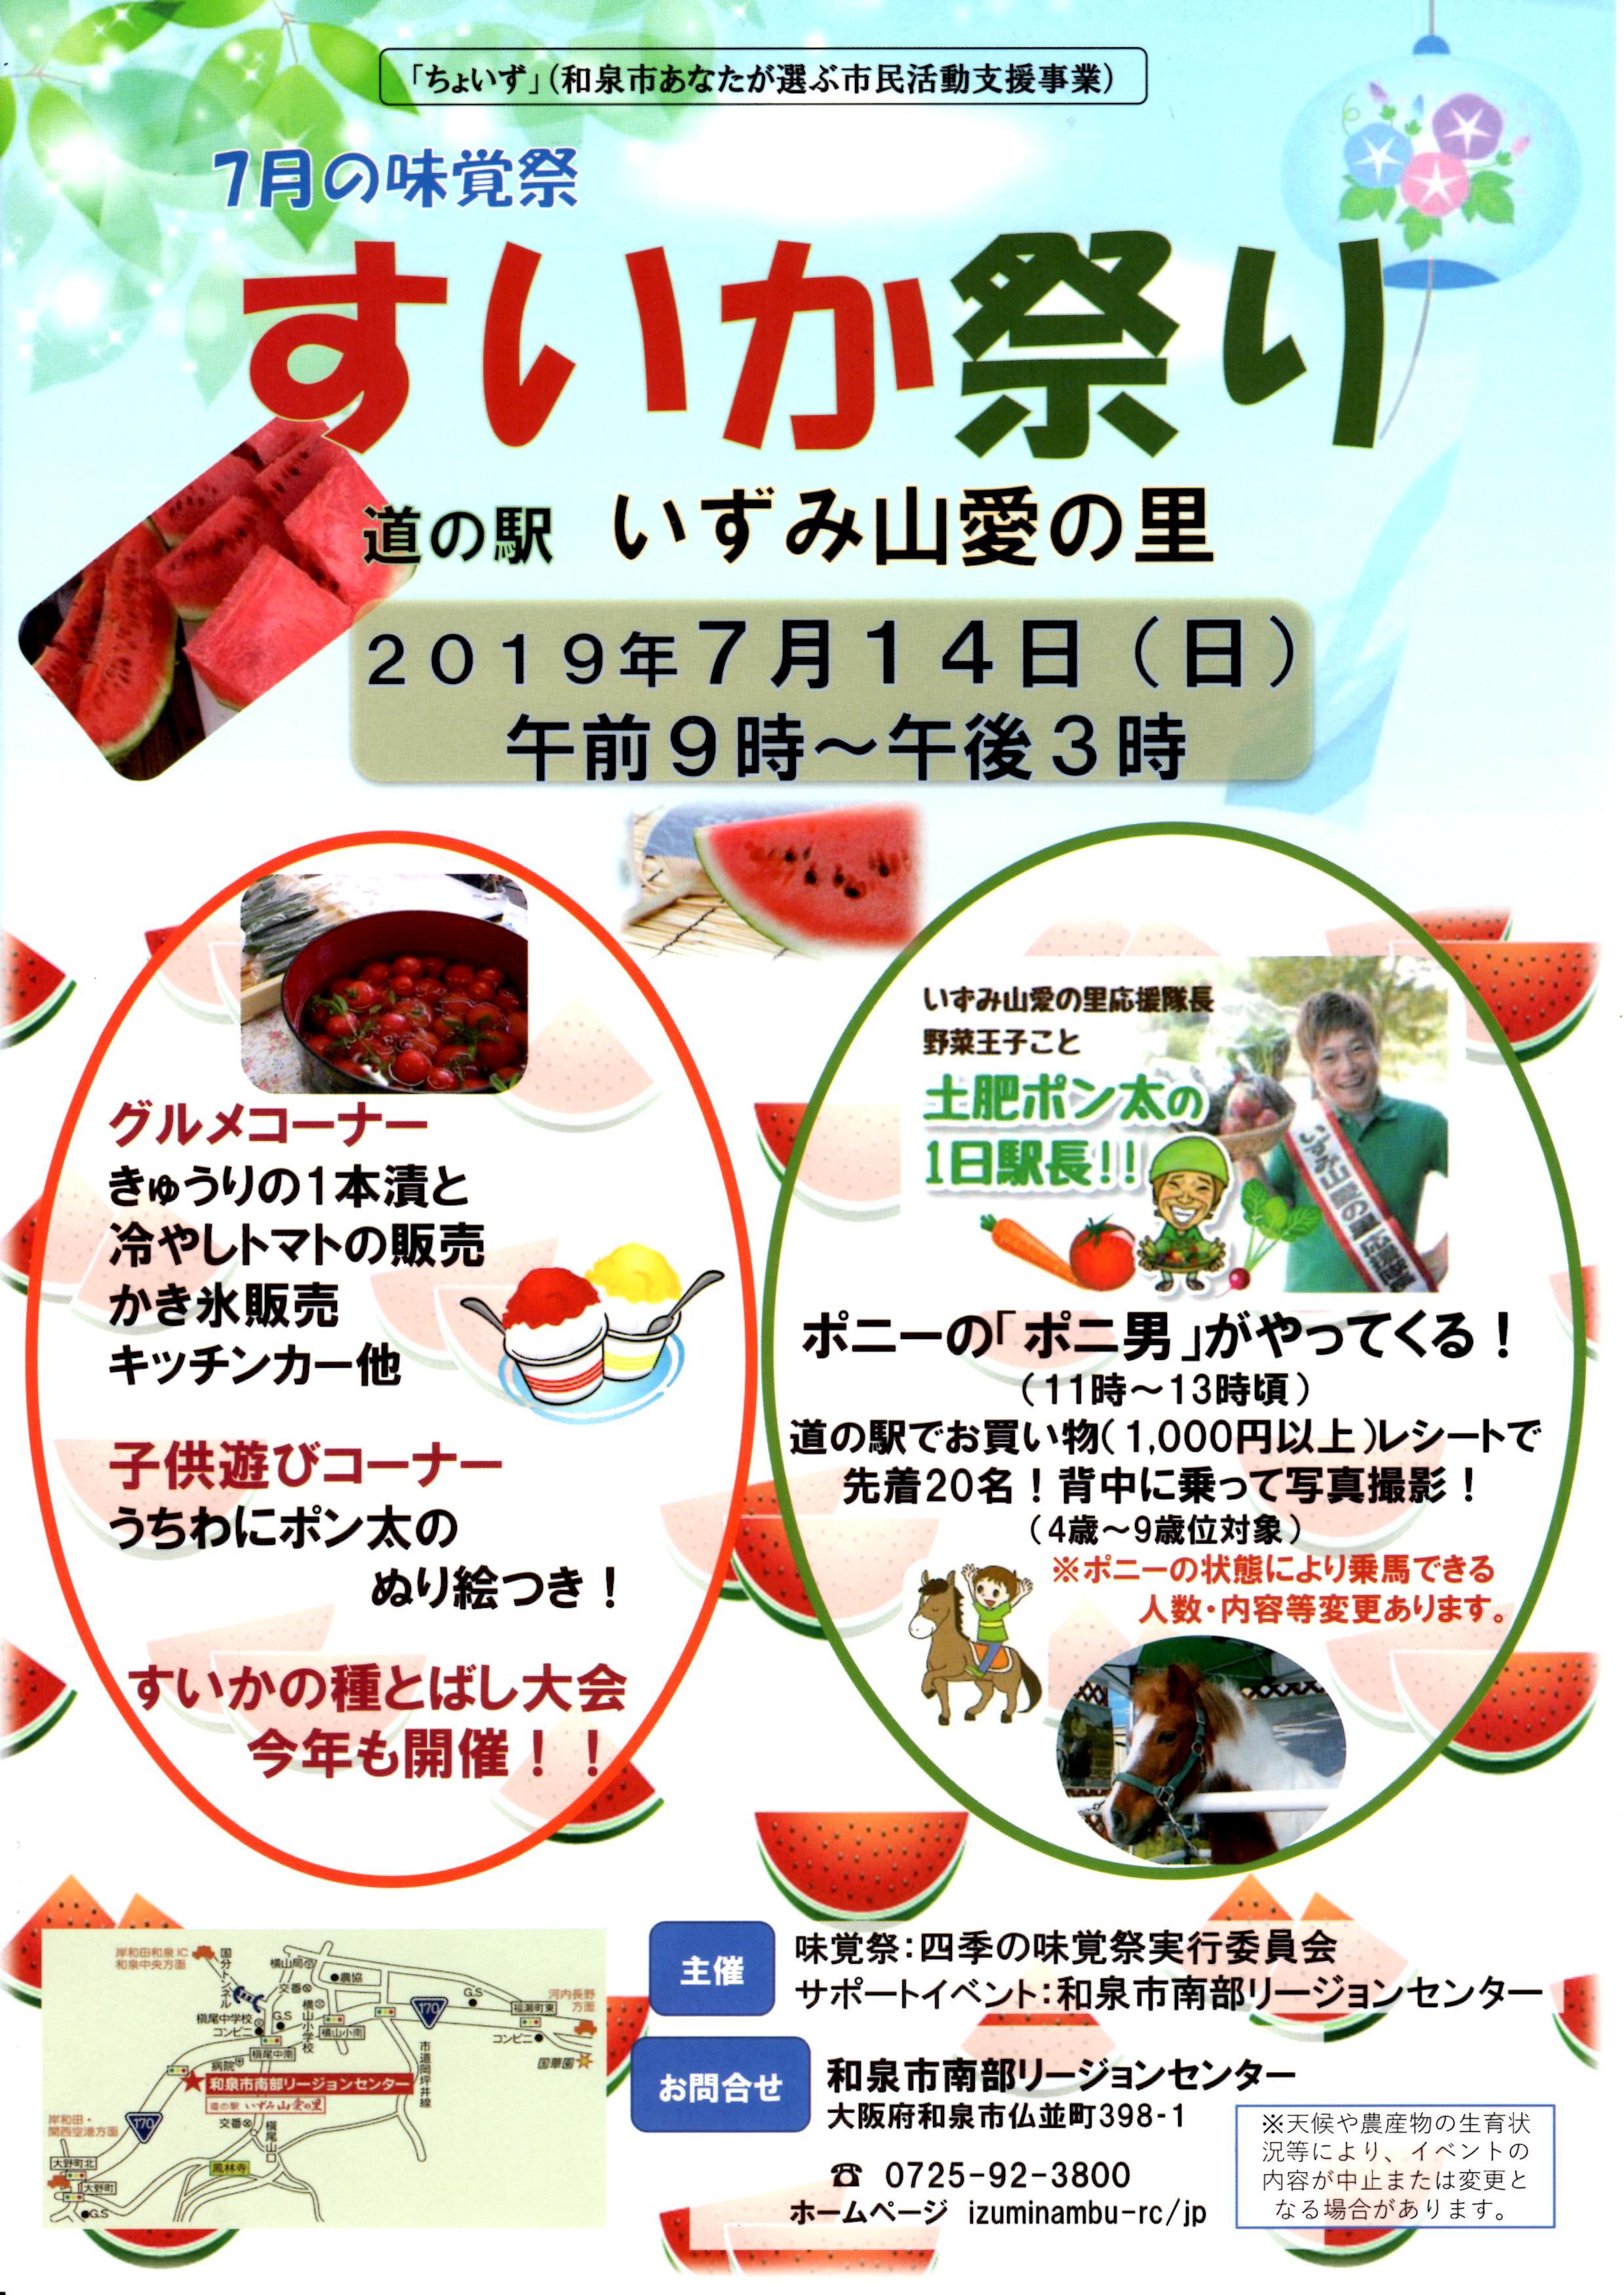 【終了】今年も開催!2019年7月の味覚祭 ☆すいか祭り☆ 道の駅いずみ山愛の里